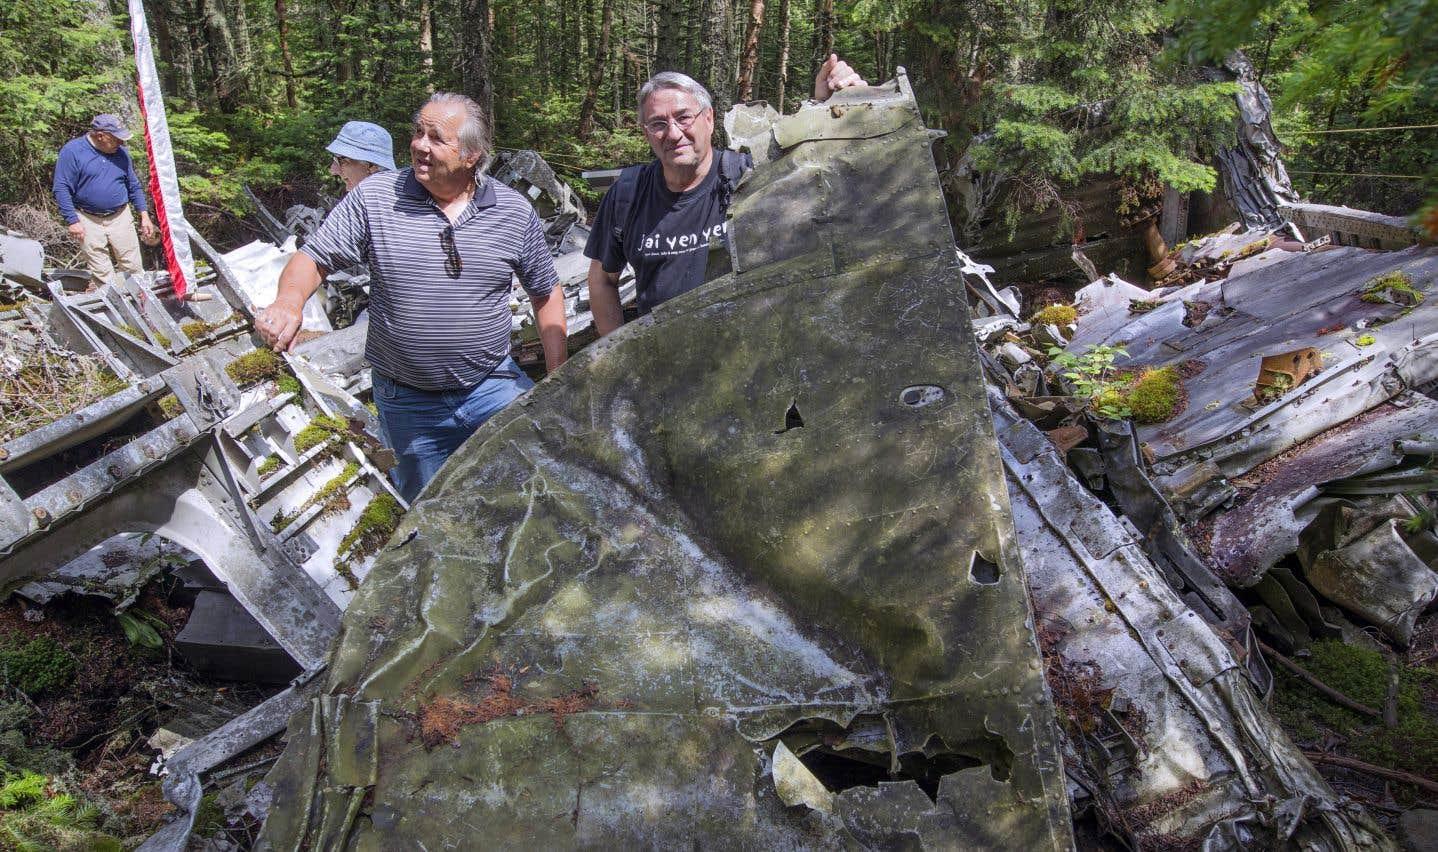 Les Gardiens du Liberator se rendent régulièrement au sommet de la montagne pour entretenir le site. À l'avant-plan, André Lapointe et Michel Brunet se fraient un chemin parmi les débris.